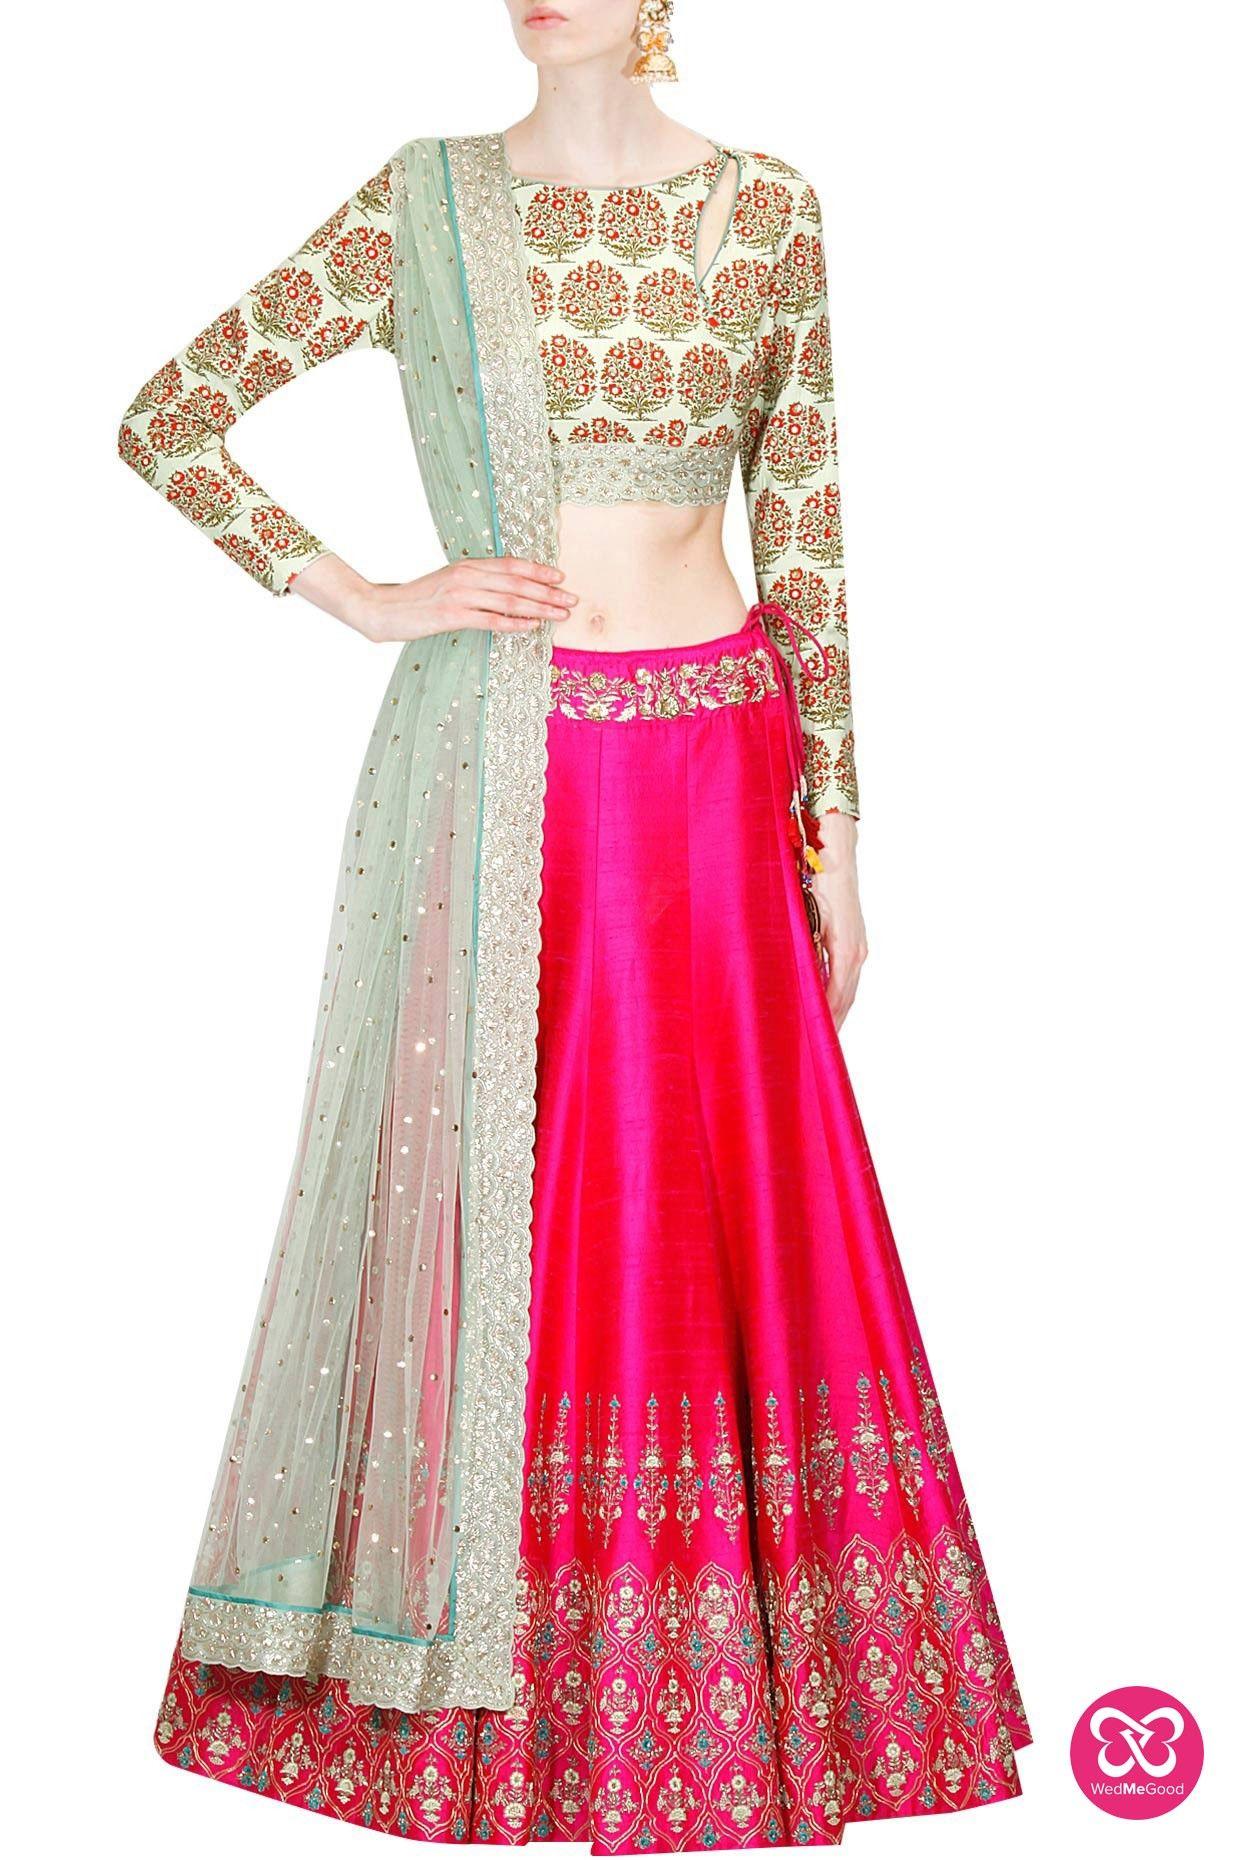 Silk saree below 2000 sk mofijur rahman mofijursmr on pinterest